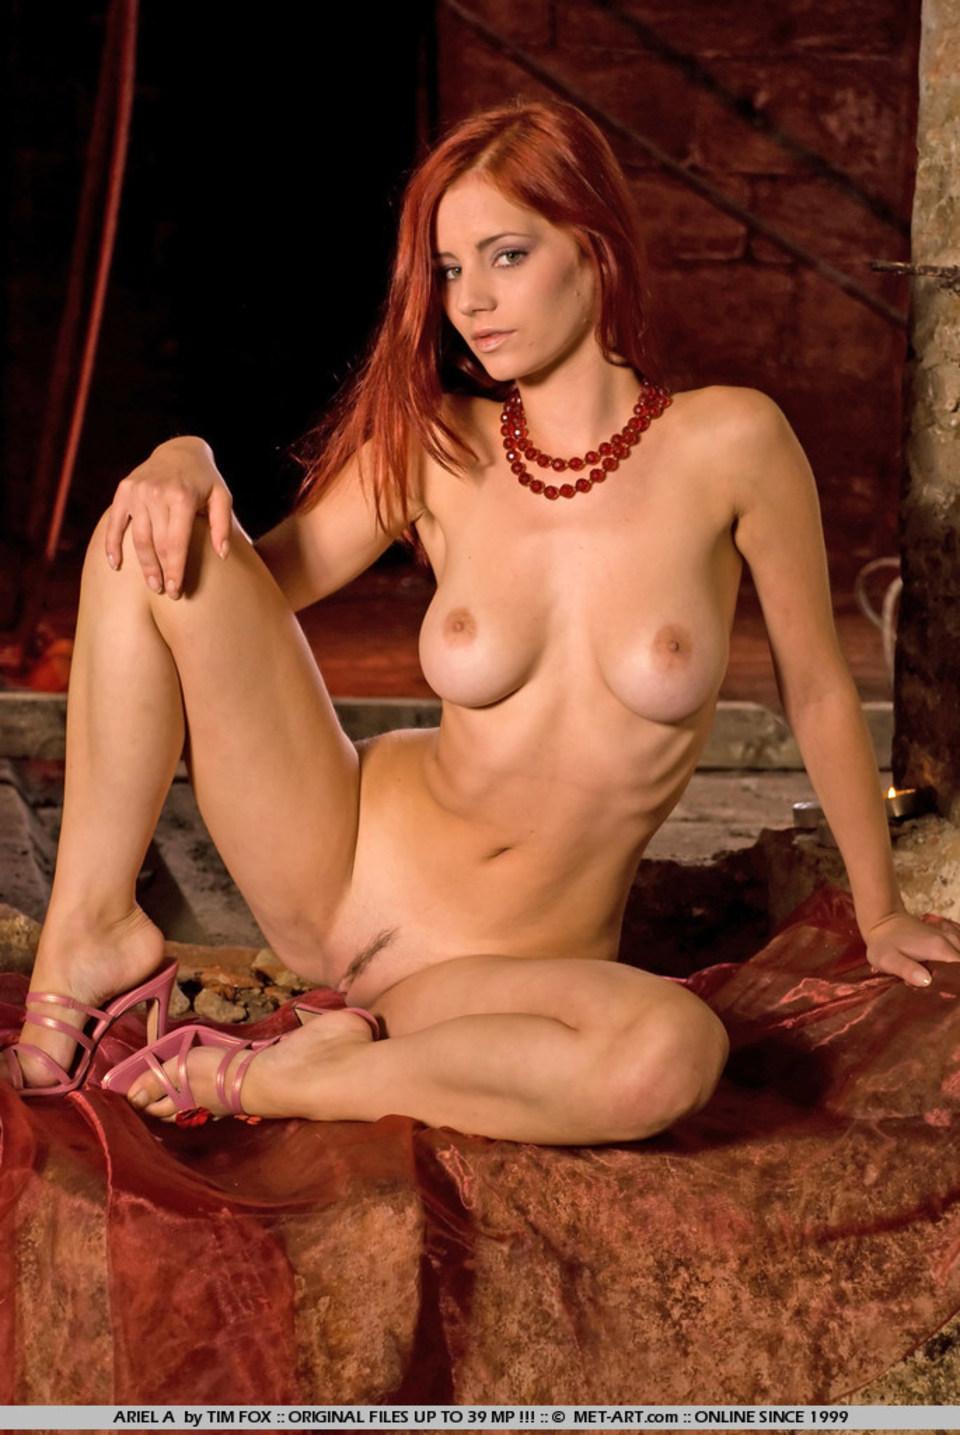 Просмотр порно с ariel 19 фотография